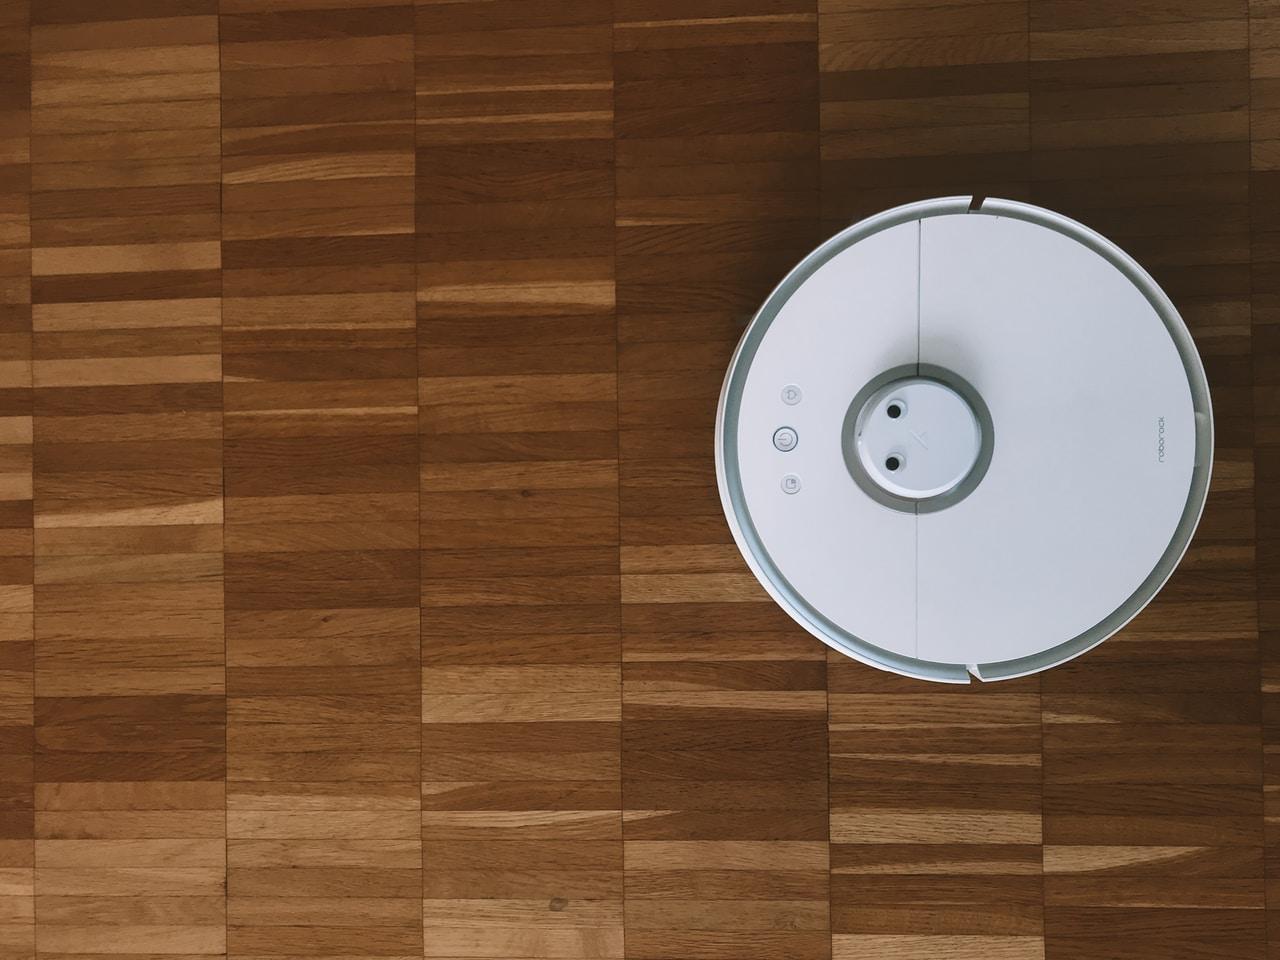 Zakup robota sprzątającego: co trzeba wiedzieć, aby wybrać dobry model? 24